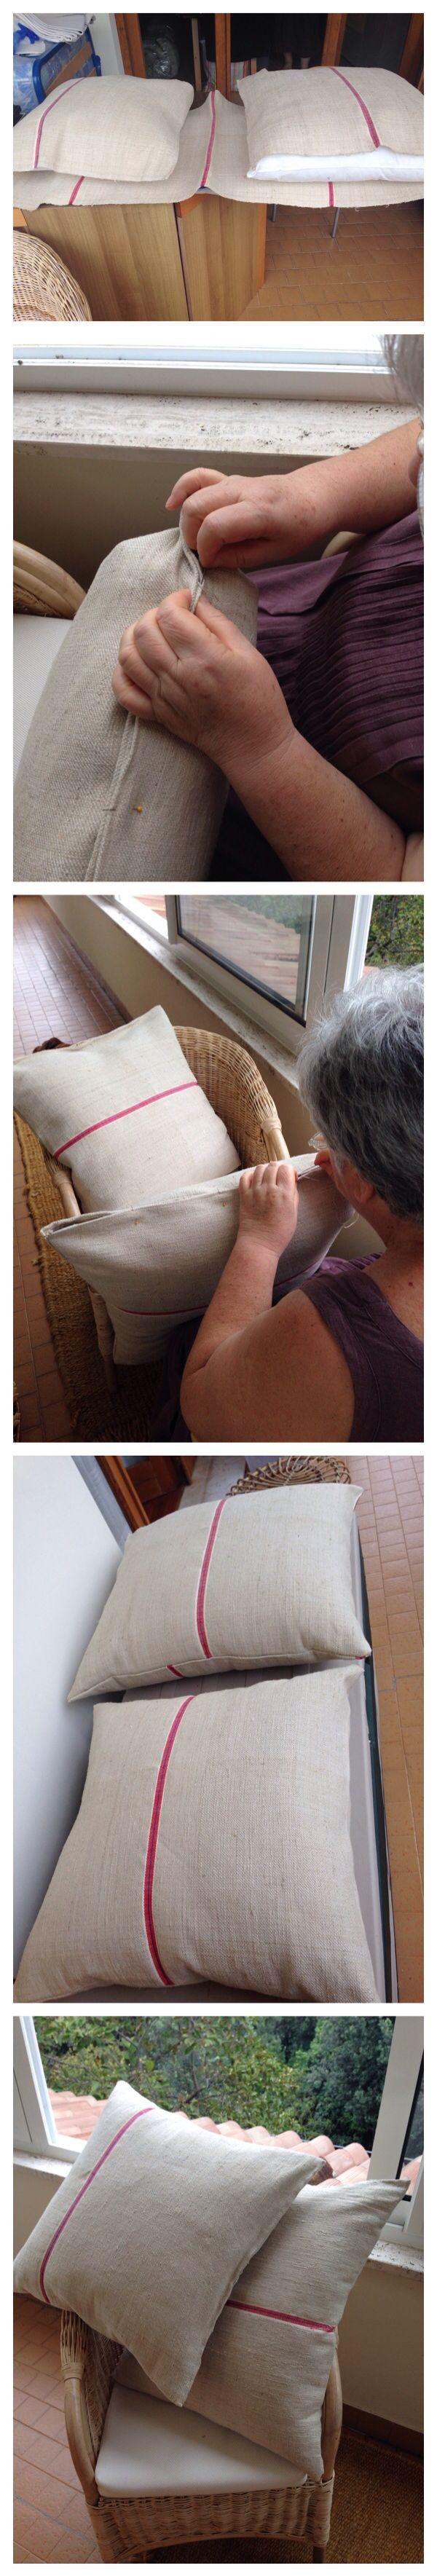 Fodera per cuscini con tela di iuta comprata ad un mercatino dell'usato.